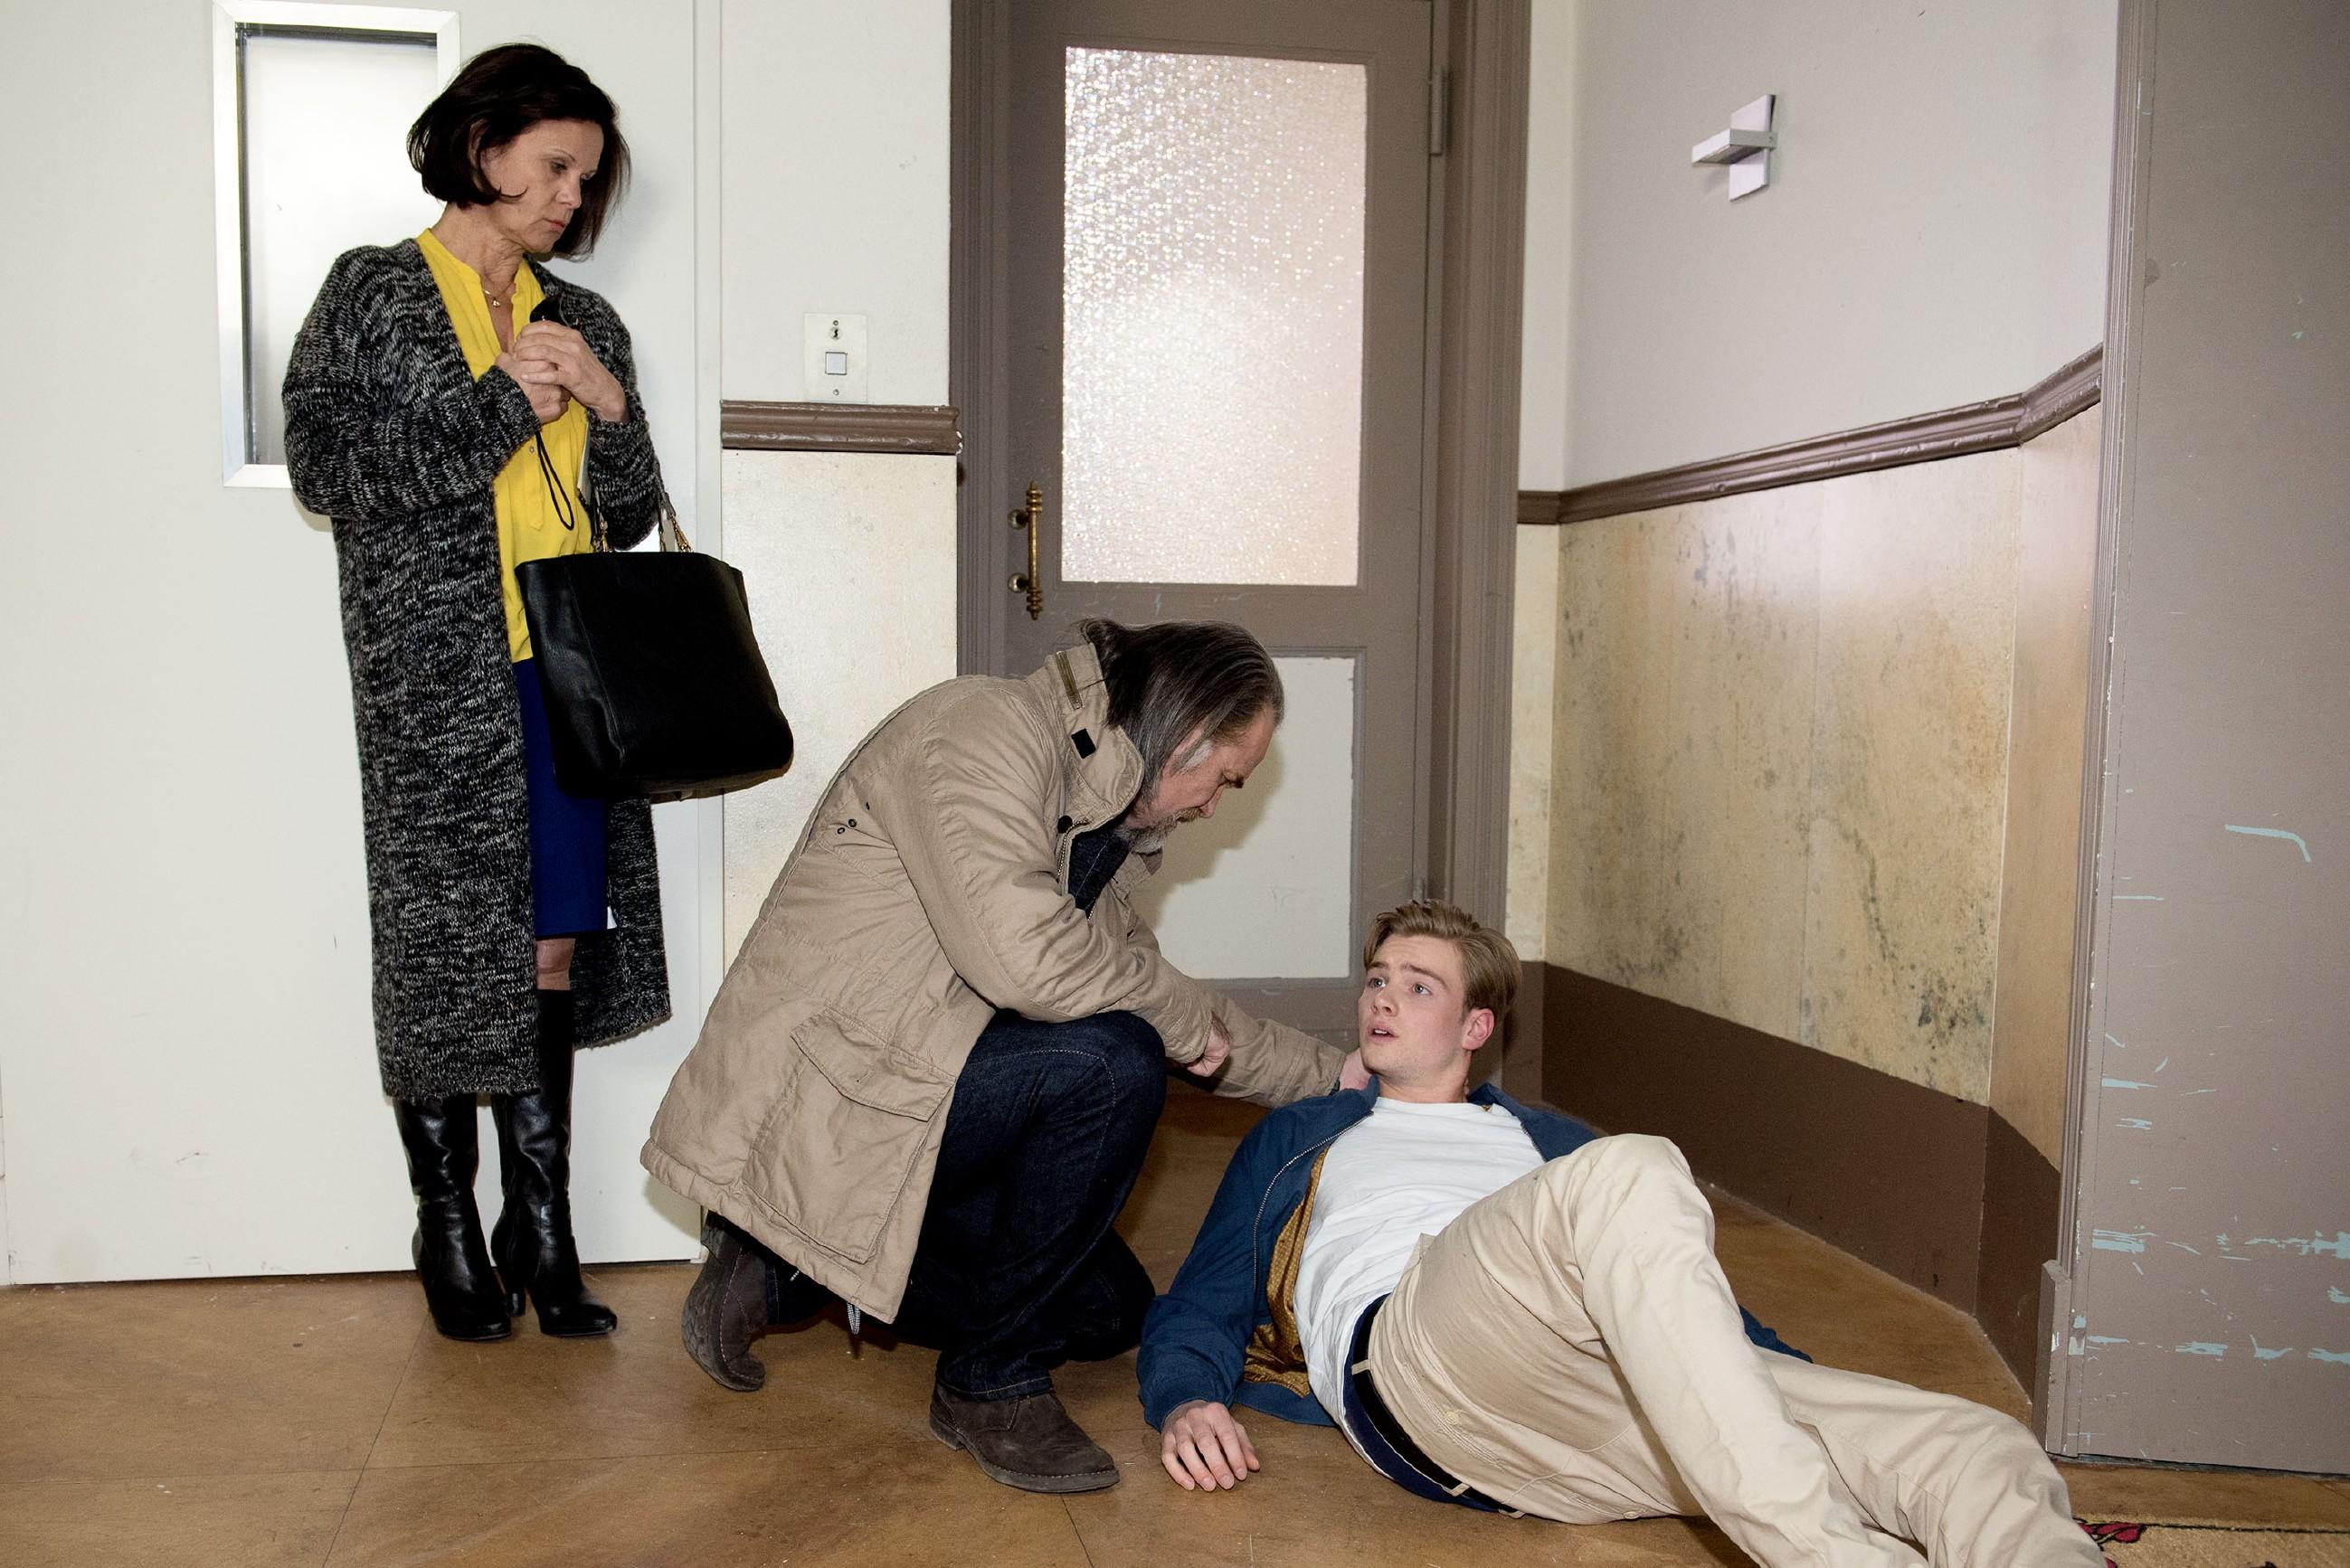 Als Irene (Petra Blossey) glaubt, dass der Einbrecher zurückgekommen ist und sich an ihrer Wohnungstür zu schaffen macht, setzt sie prompt ihren neuen Elektroschocker bei Roberts Enkel Valentin (Aaron Koszuta) ein... (Quelle: RTL / Stefan Behrens)